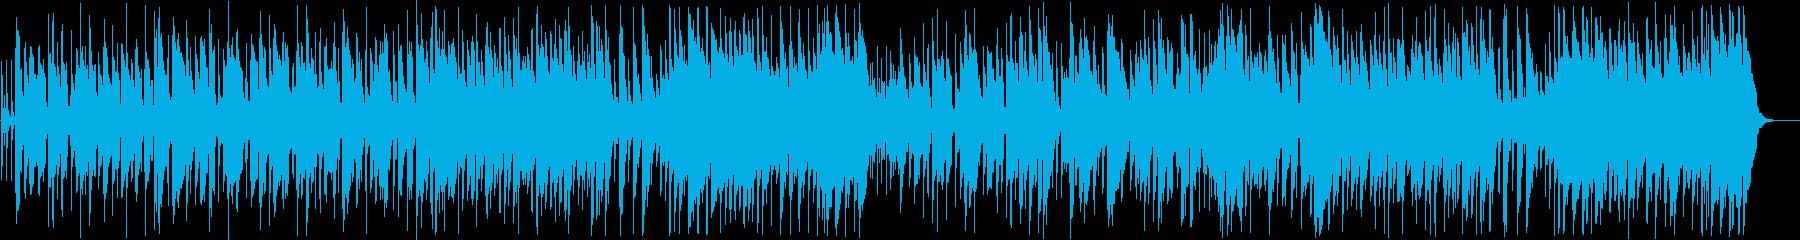 愉快なインフォメーションミュージックの再生済みの波形